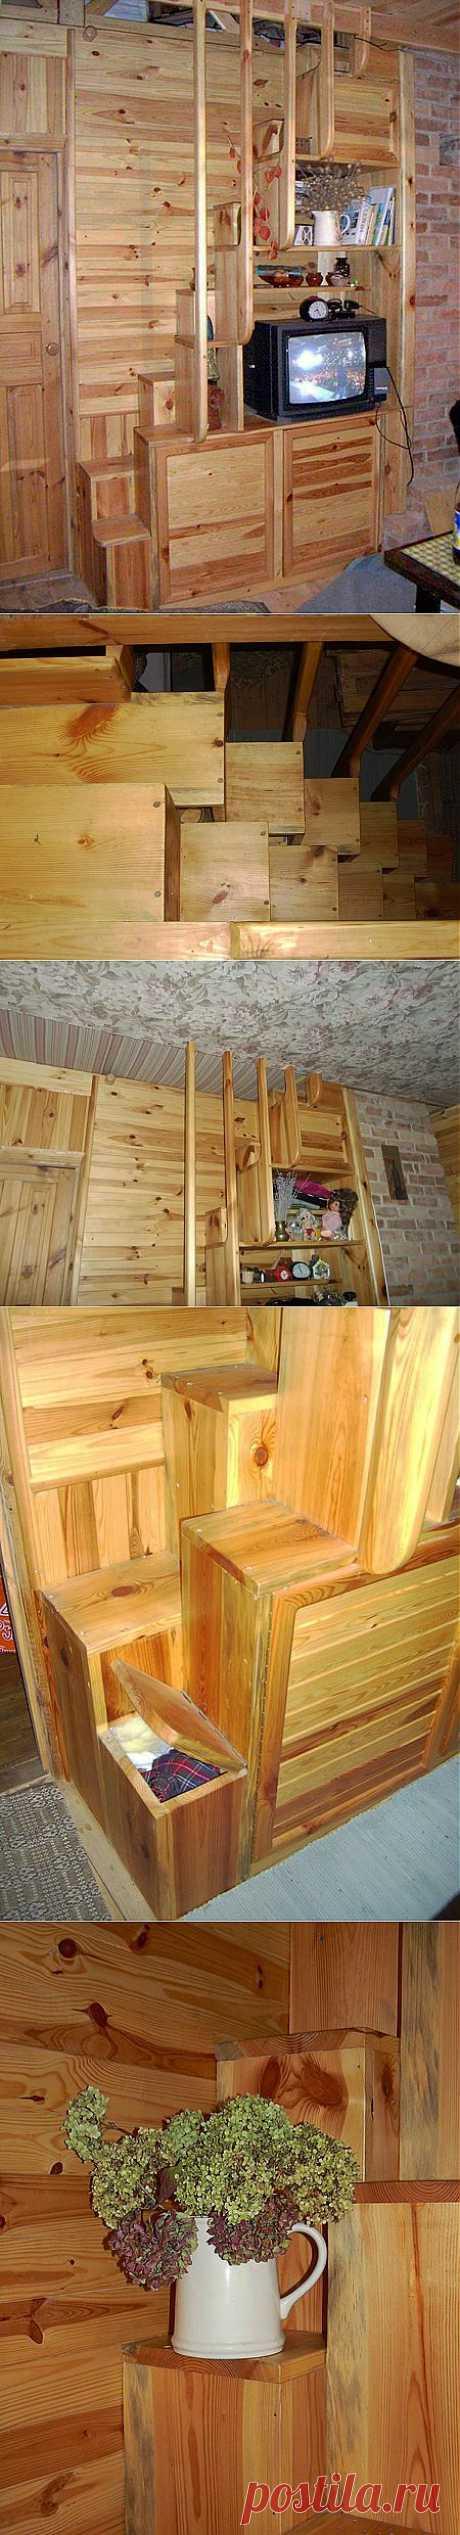 Лестница?.. Стеллаж?.. Два в одном! Расскажу вам, как мы решили проблему с расположением лестницы в небольшом помещении. Такие лестницы называются лестницами с переменным шагом, где под правую и левую ноги располагаются свои ступени. По-английски такие лестницы называются  spase saver staircase — сохраняющая пространство лестница. А в быту такие лестницы называются очень весело, выбирайте понравившийся вариант: утиный или гусиный шаг, лестница монаха или чертова, мотыльковая.